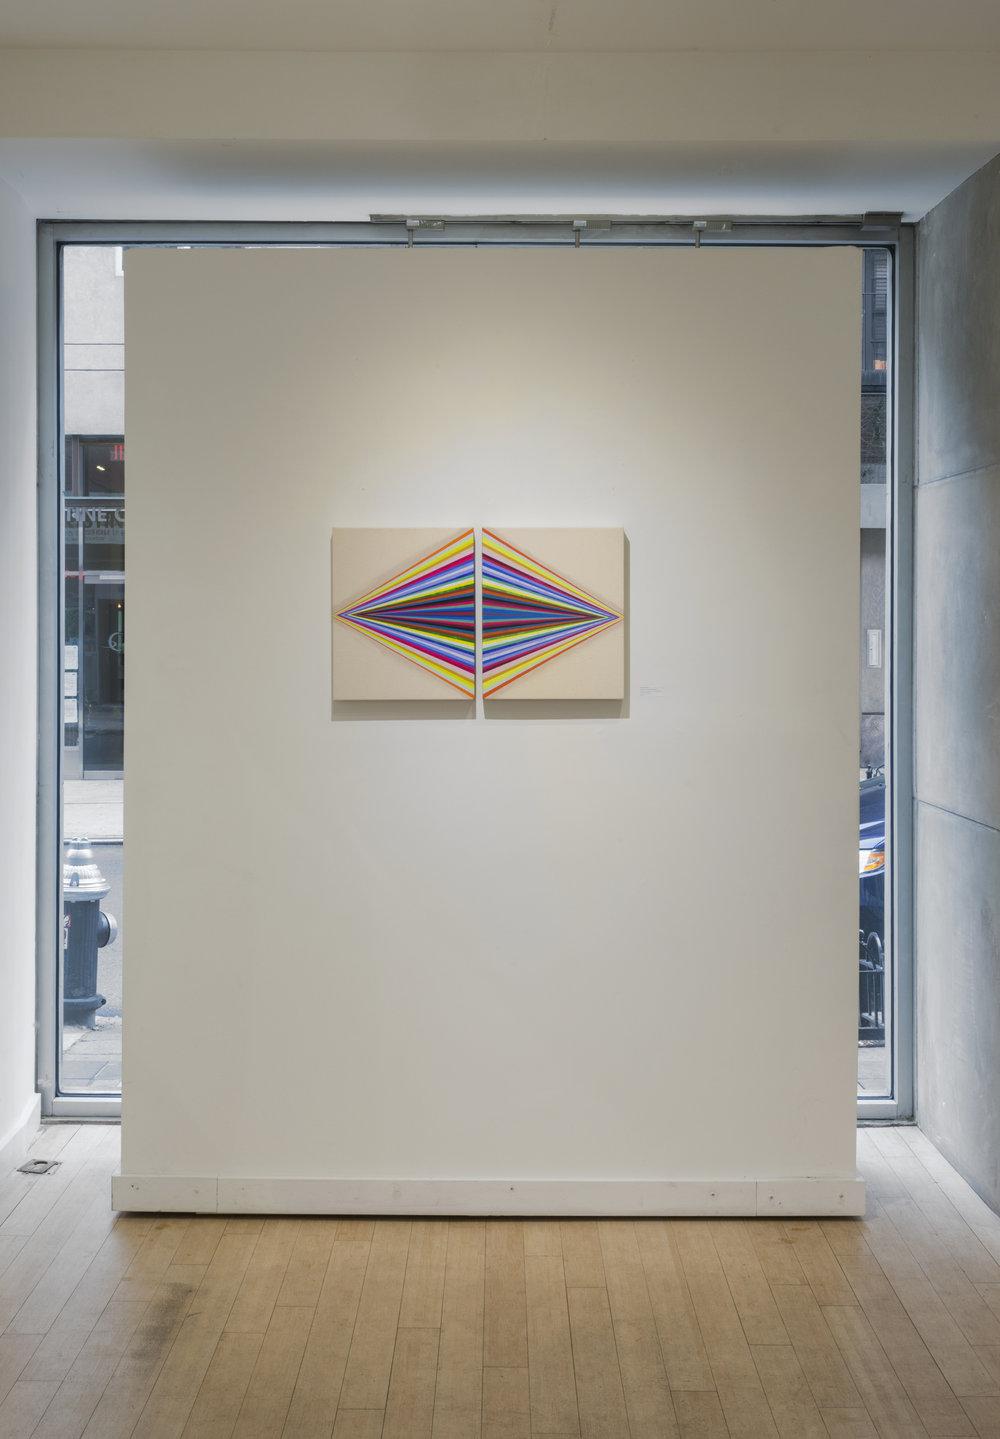 11 - 2015 -  Muriel Guepin Gallery.jpg